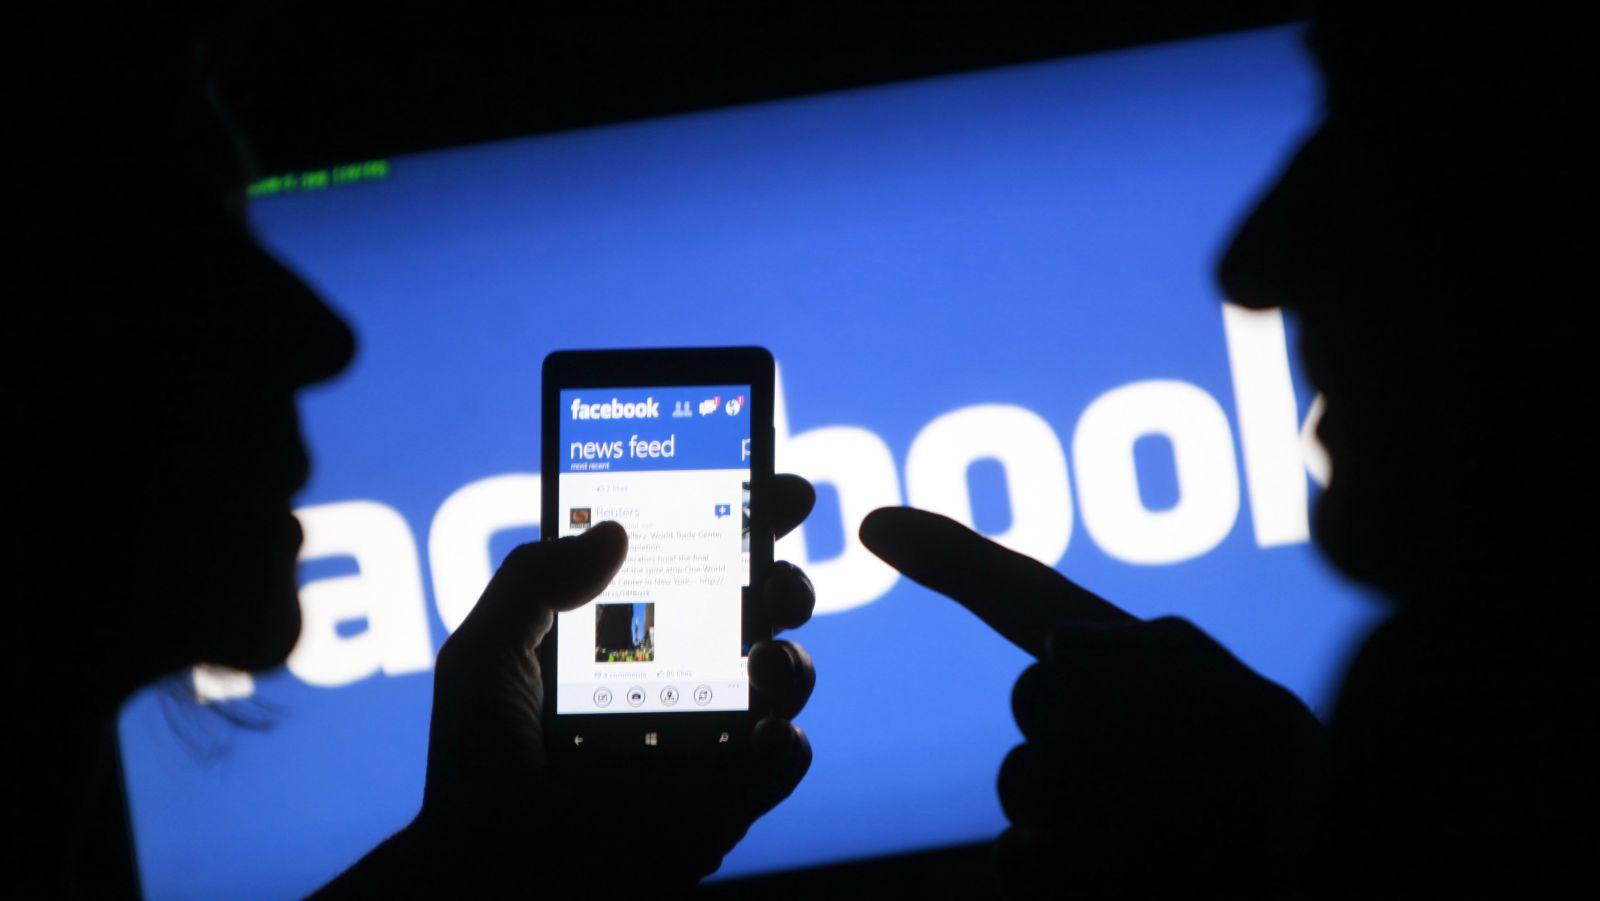 МВР со апел до младите: Не прифаќајте секој што ќе ви пристапи на социјалните мрежи